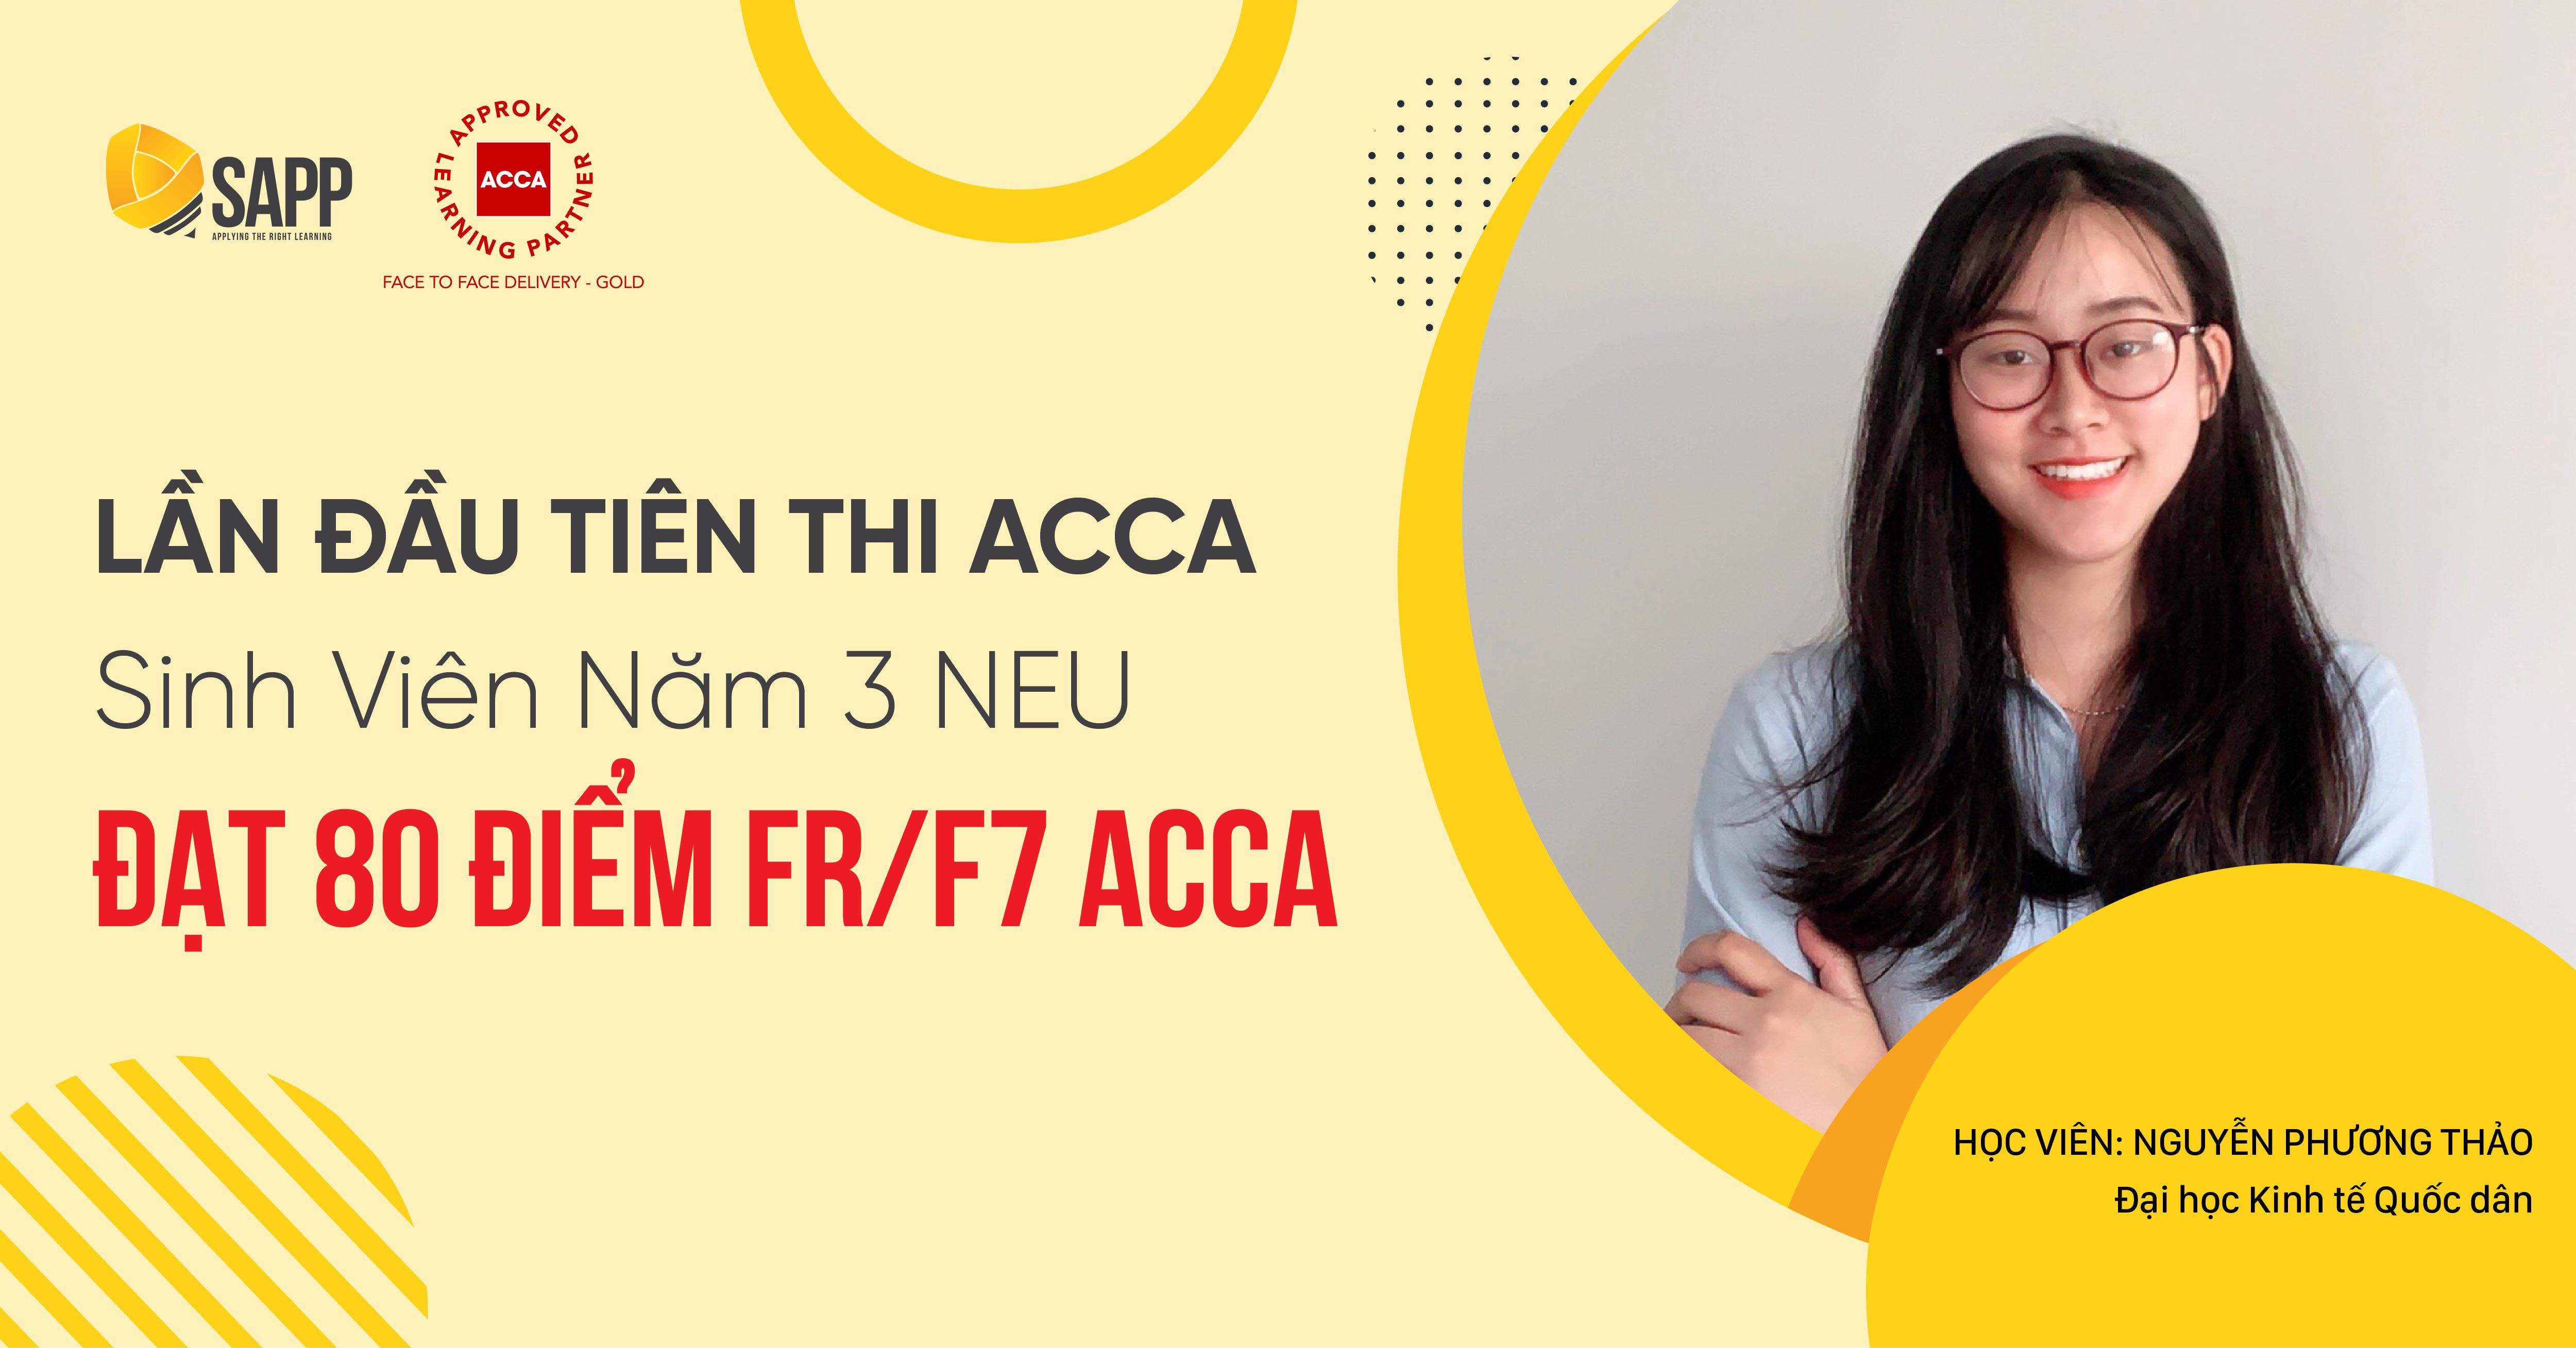 Bí quyết thi FR/F7 ACCA đạt 80 điểm trong lần đầu thi ACCA của sinh viên năm 3 Đại học Kinh tế Quốc dân